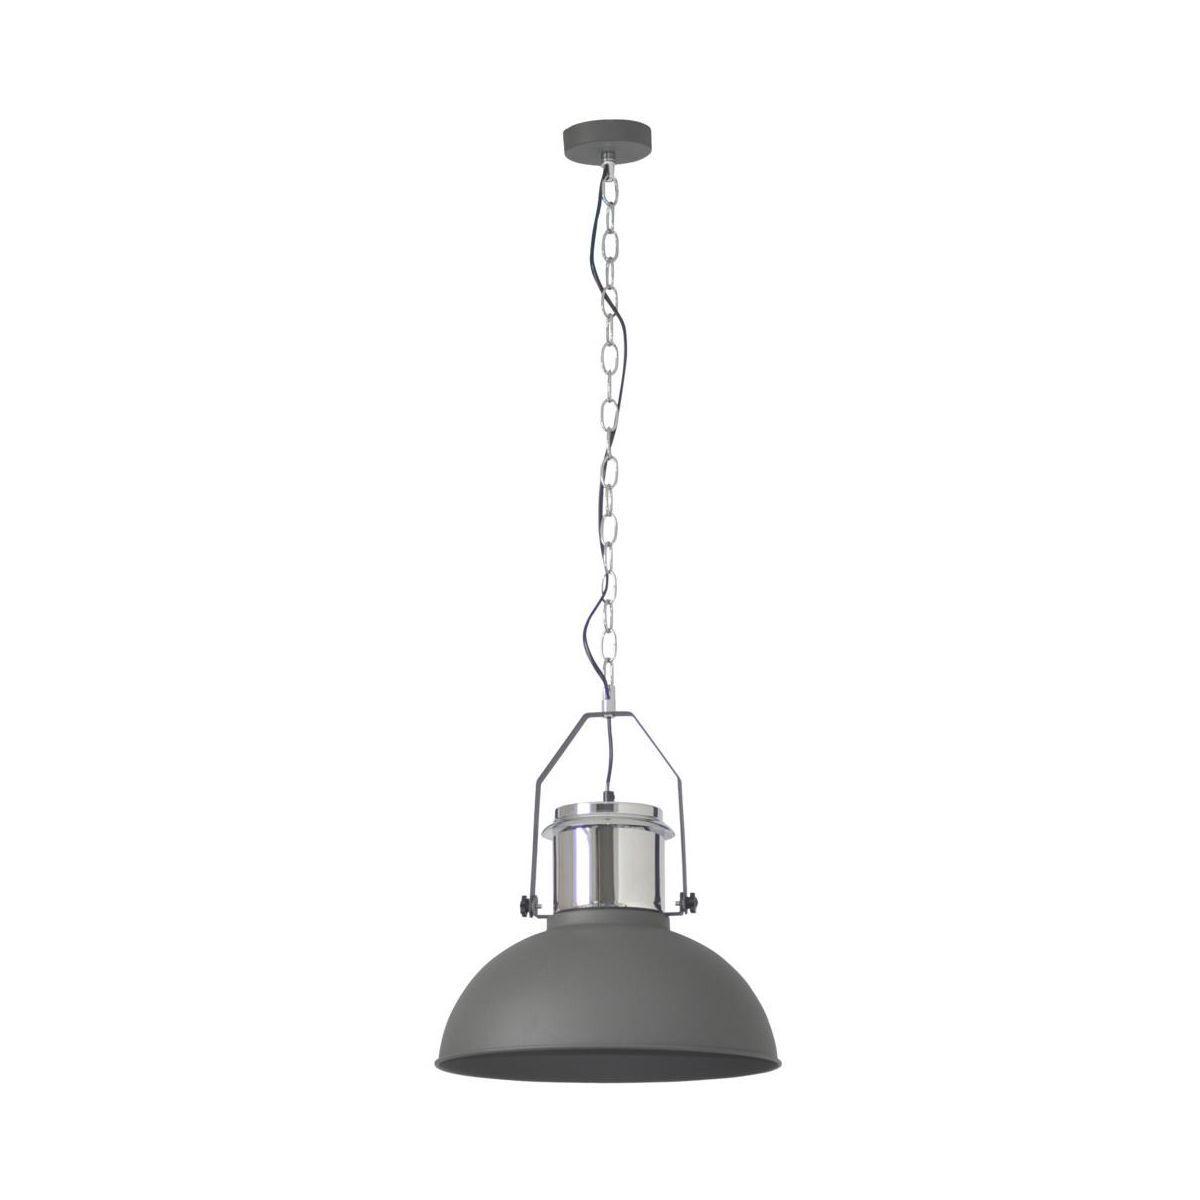 Lampa Wiszaca Ted Szara Inspire Lampy Sufitowe Zyrandole Plafony W Atrakcyjnej Cenie W Sklepach Leroy Merlin Ceiling Lights Pendant Light Light